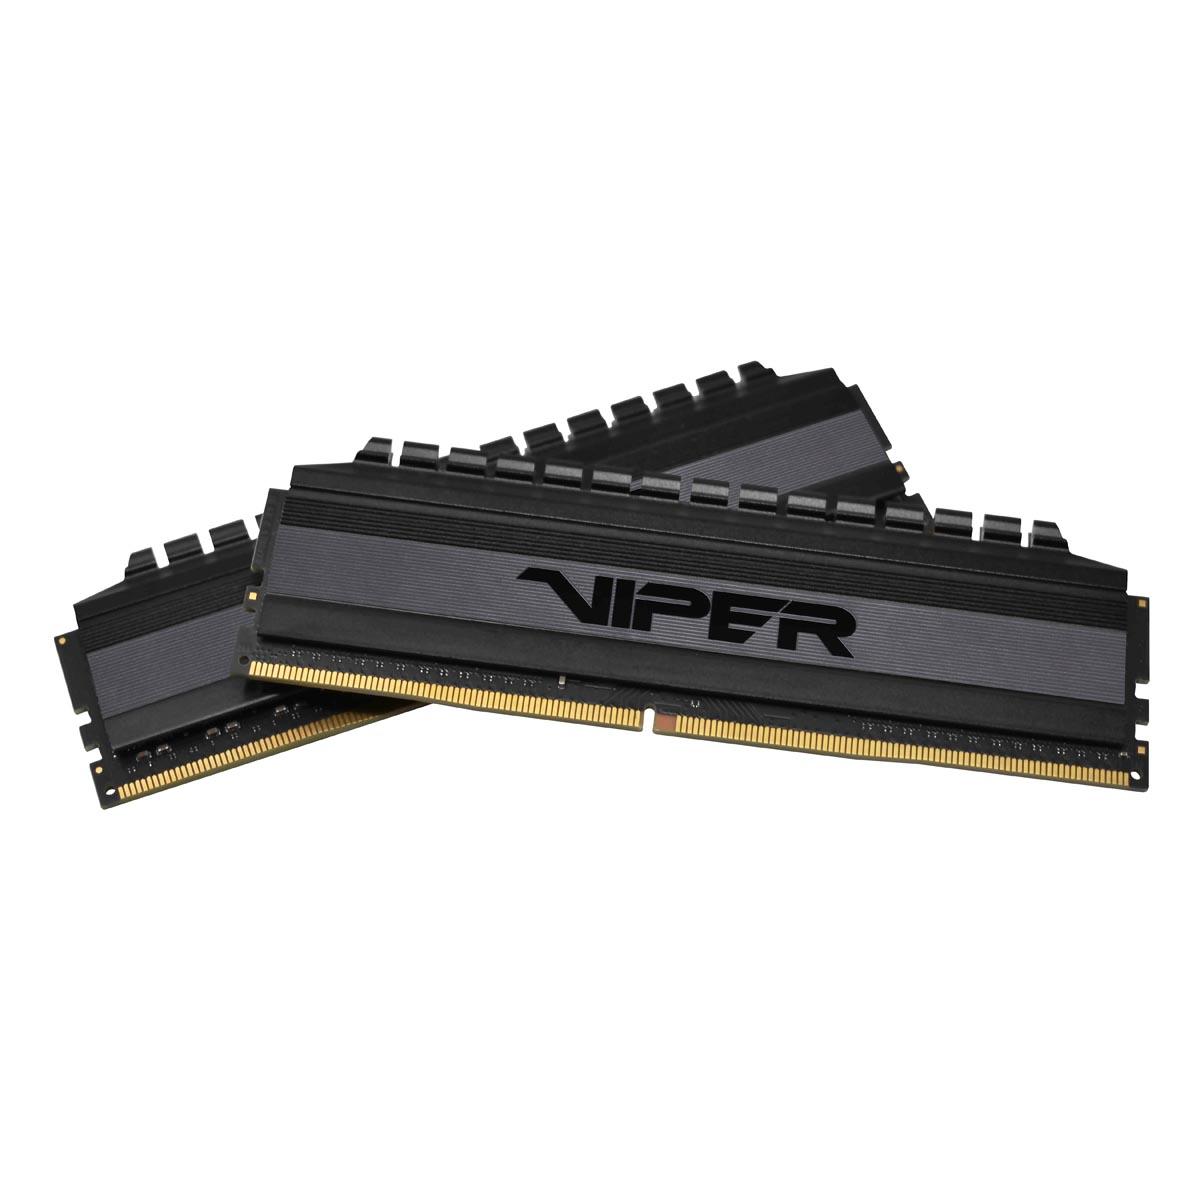 Patriot Memory предлагает обновлённую оперативную память DDR4 линейки Viper 4